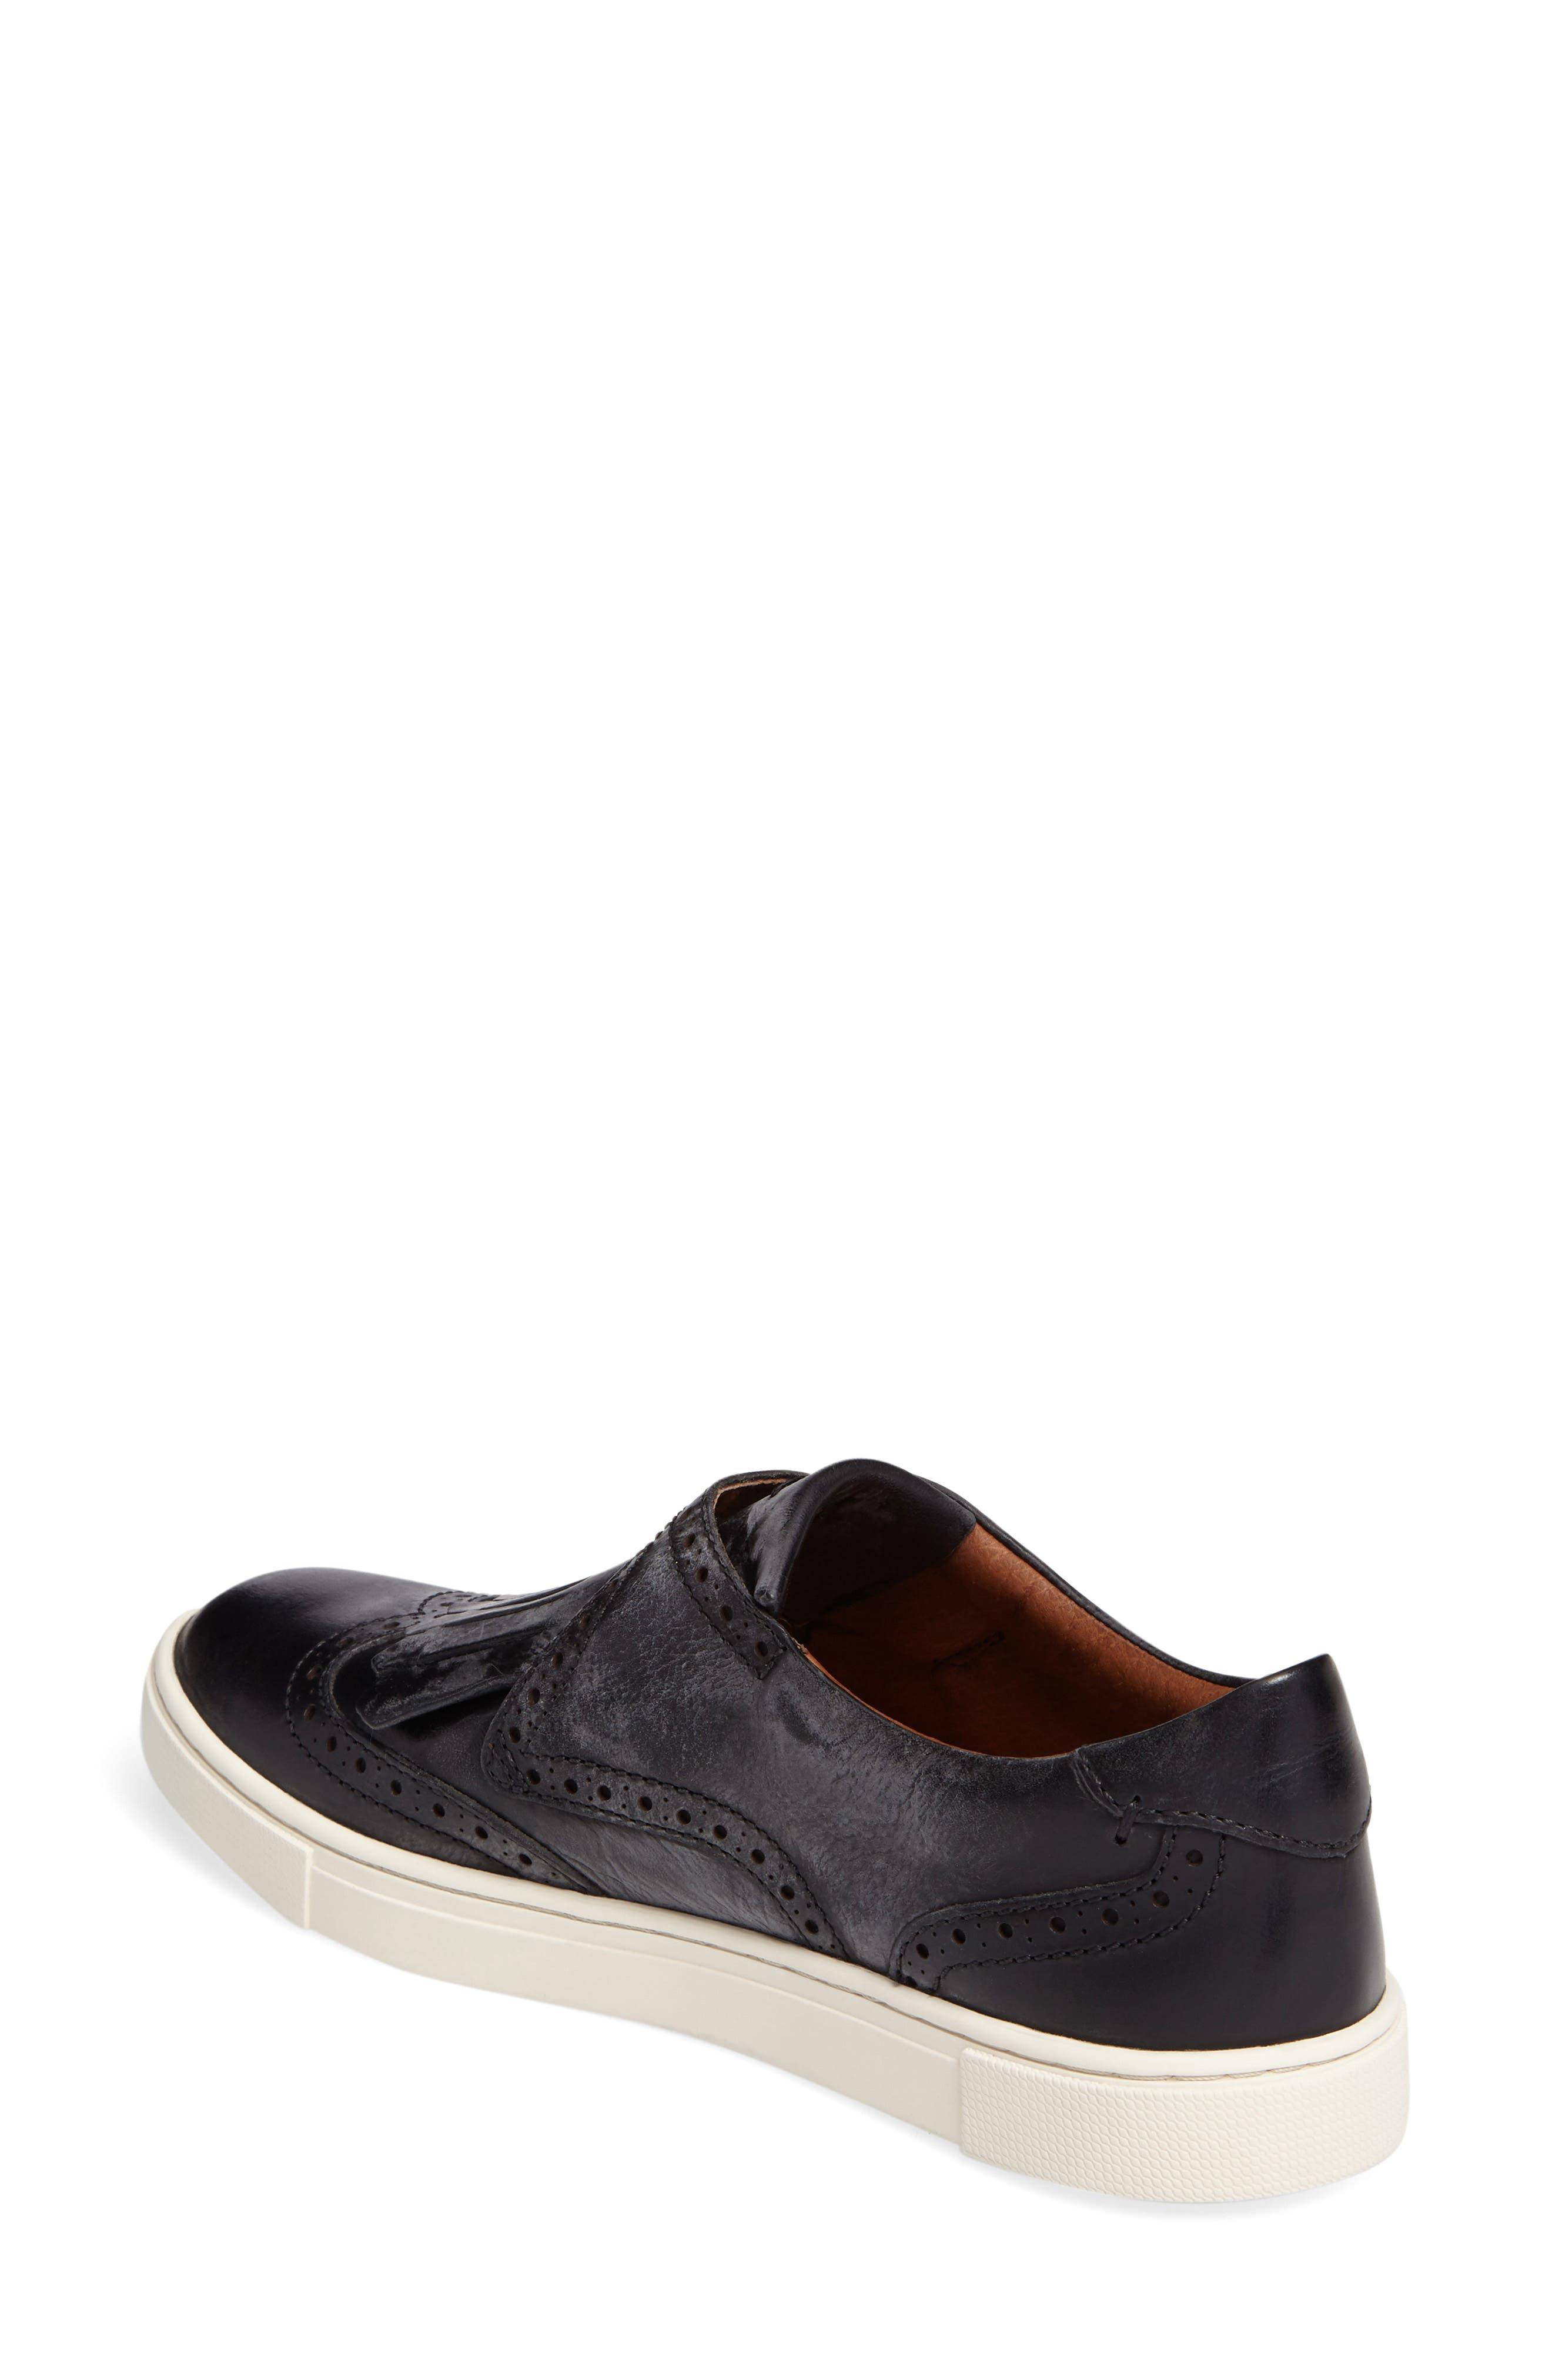 'Gemma' Kiltie Slip On-Sneaker,                             Alternate thumbnail 2, color,                             001